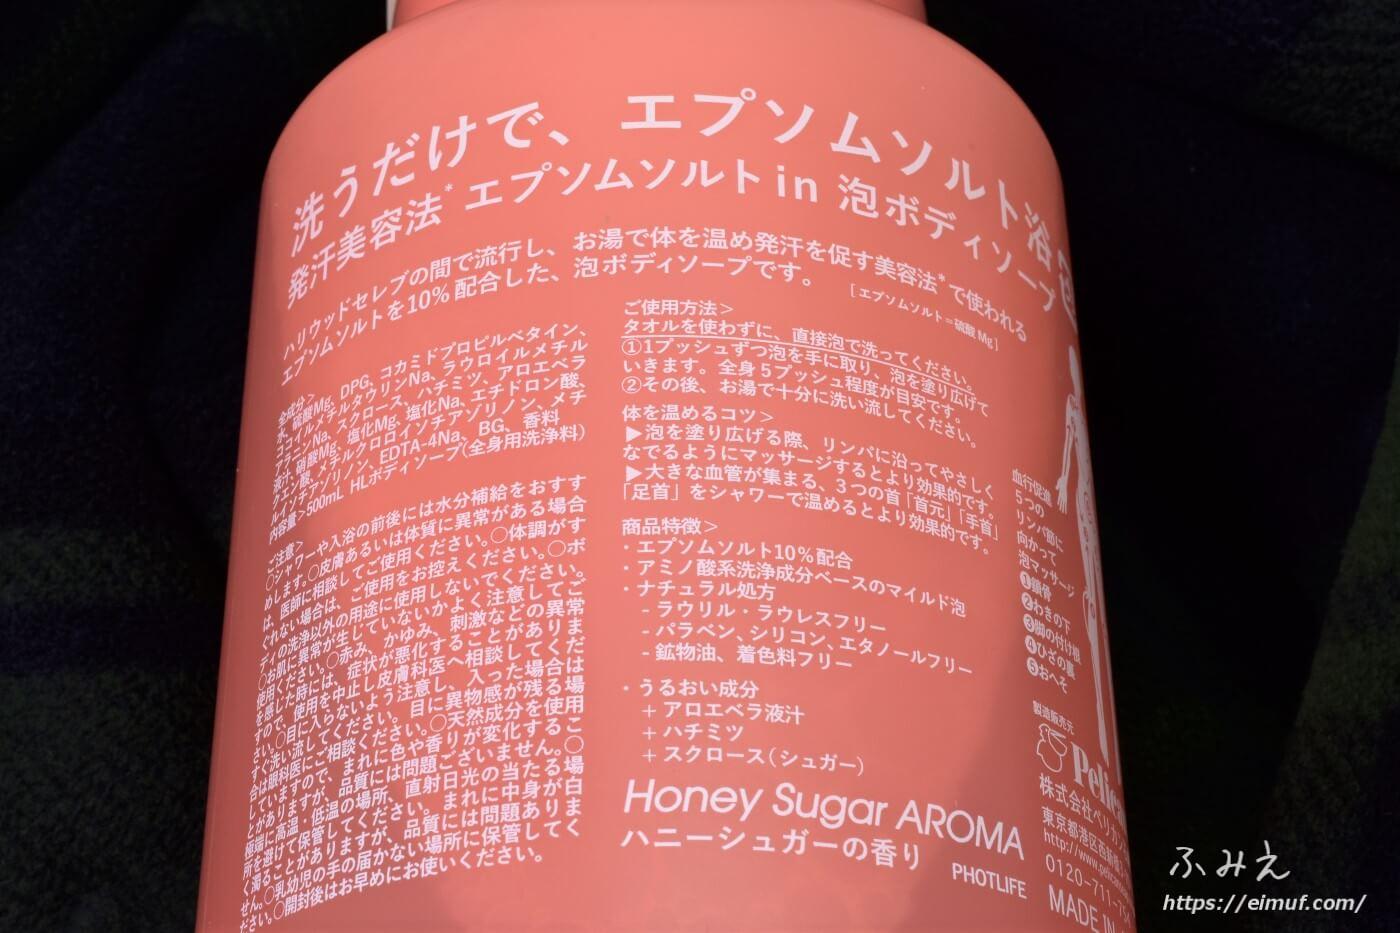 ペリカン石鹸のエプソムソルトin泡ボディソープ Hot Life本体ボトル裏面